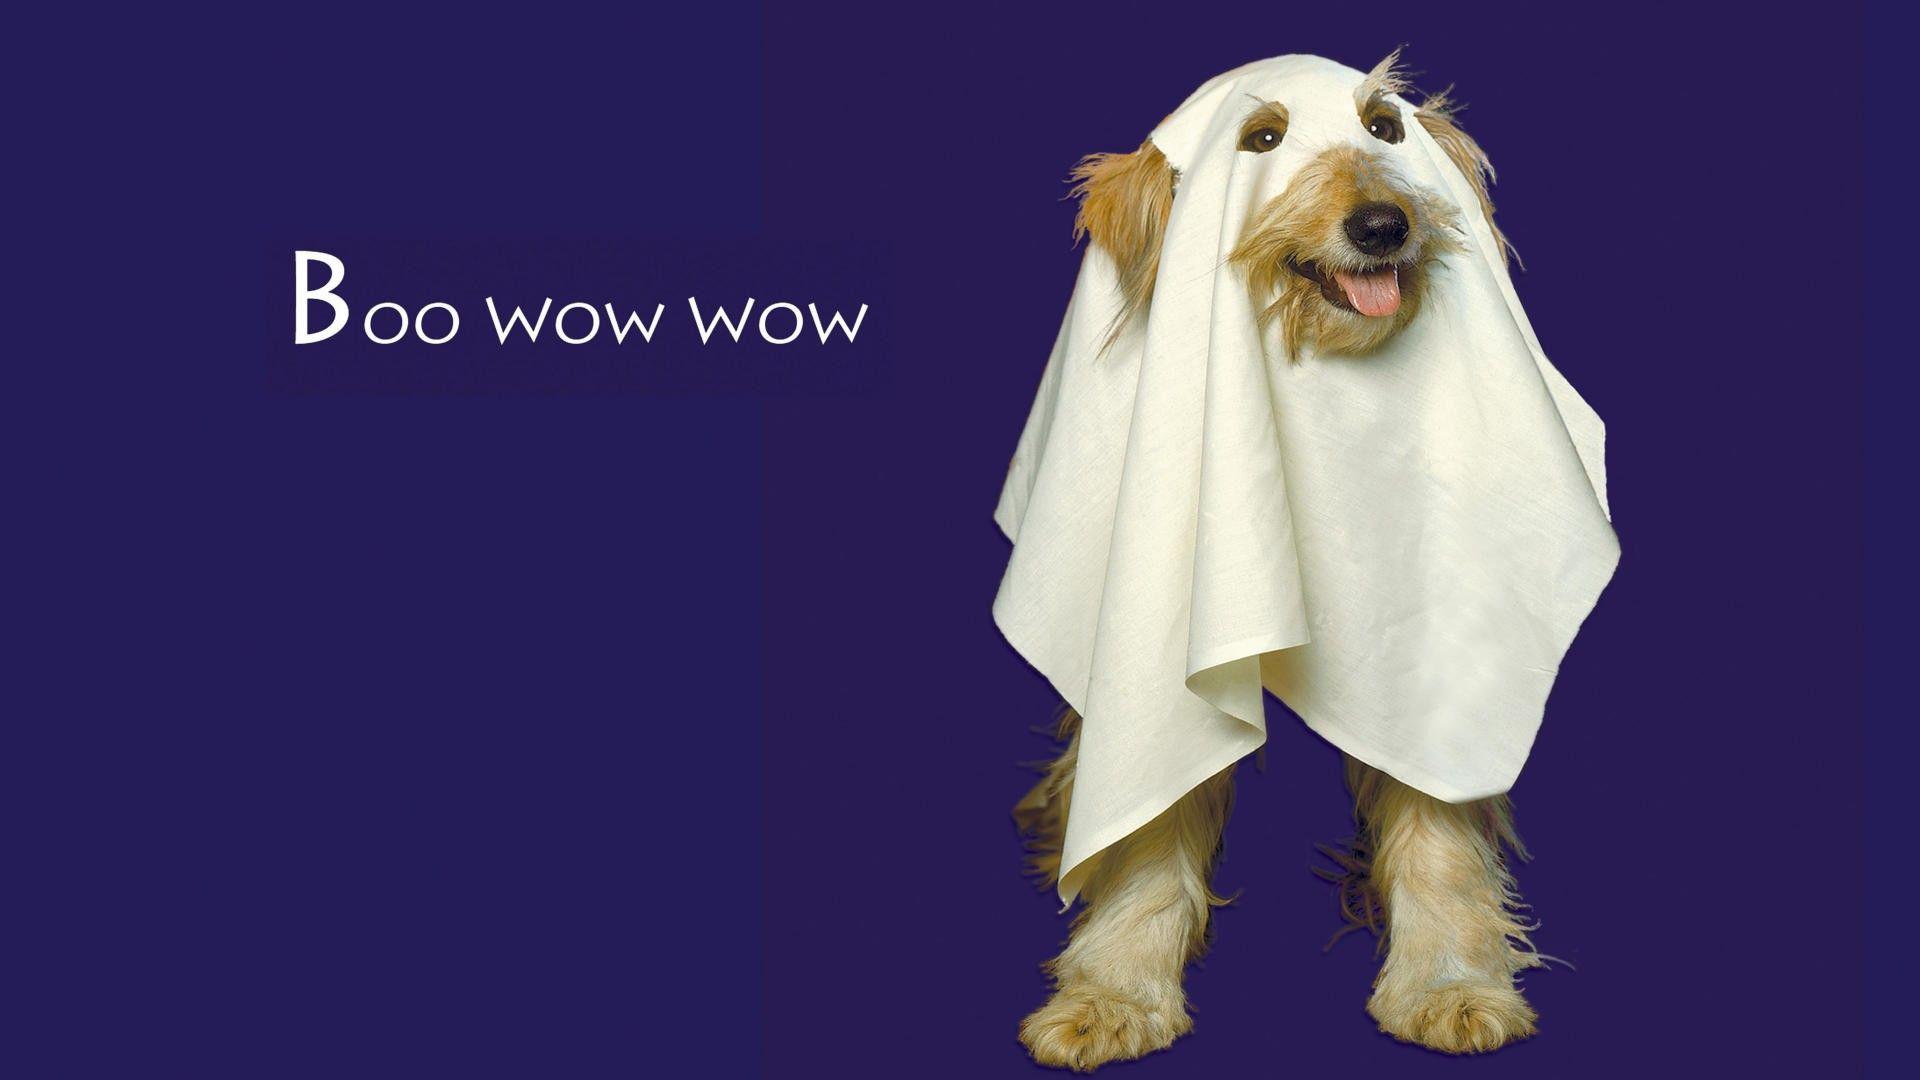 Download Wallpaper Halloween Puppy - f228e035d9ce01704f948675abfb6d57  Snapshot_217844.jpg